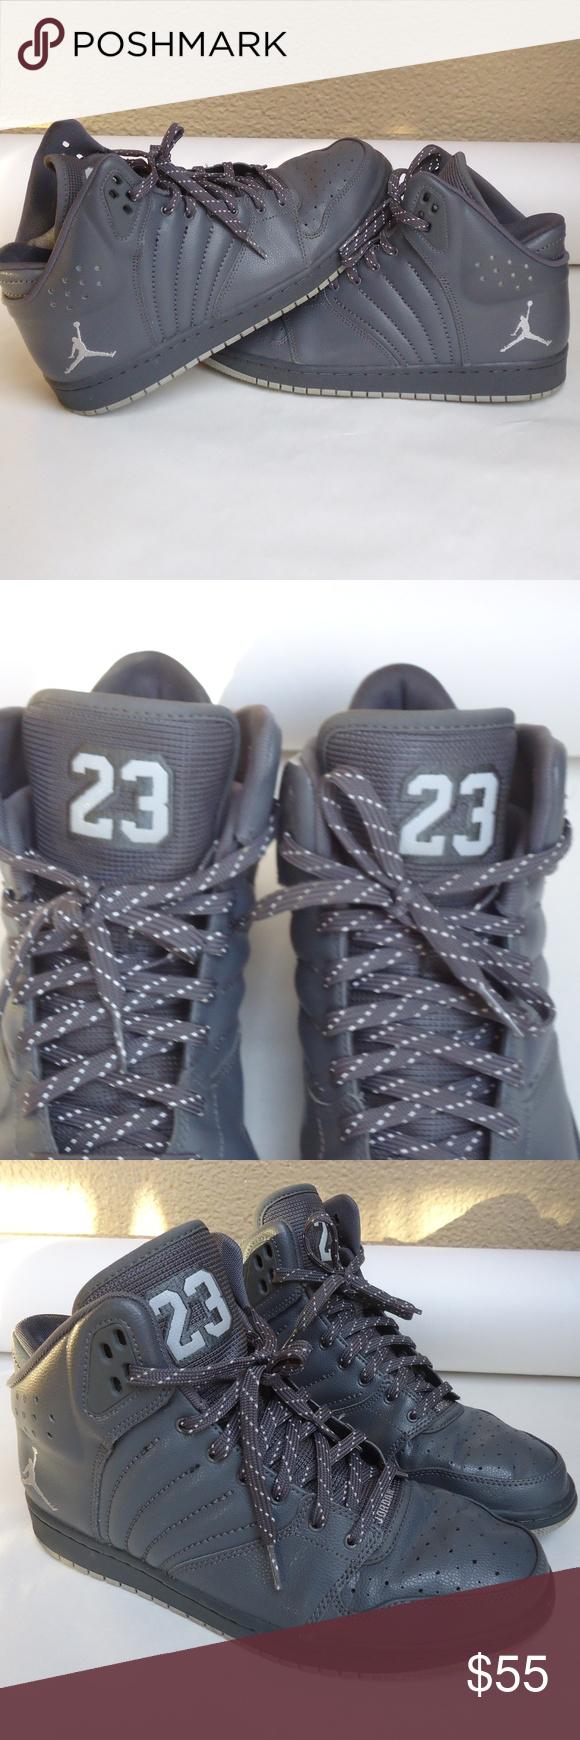 Nike Air Jordan 23 Gray Men's Sneakers